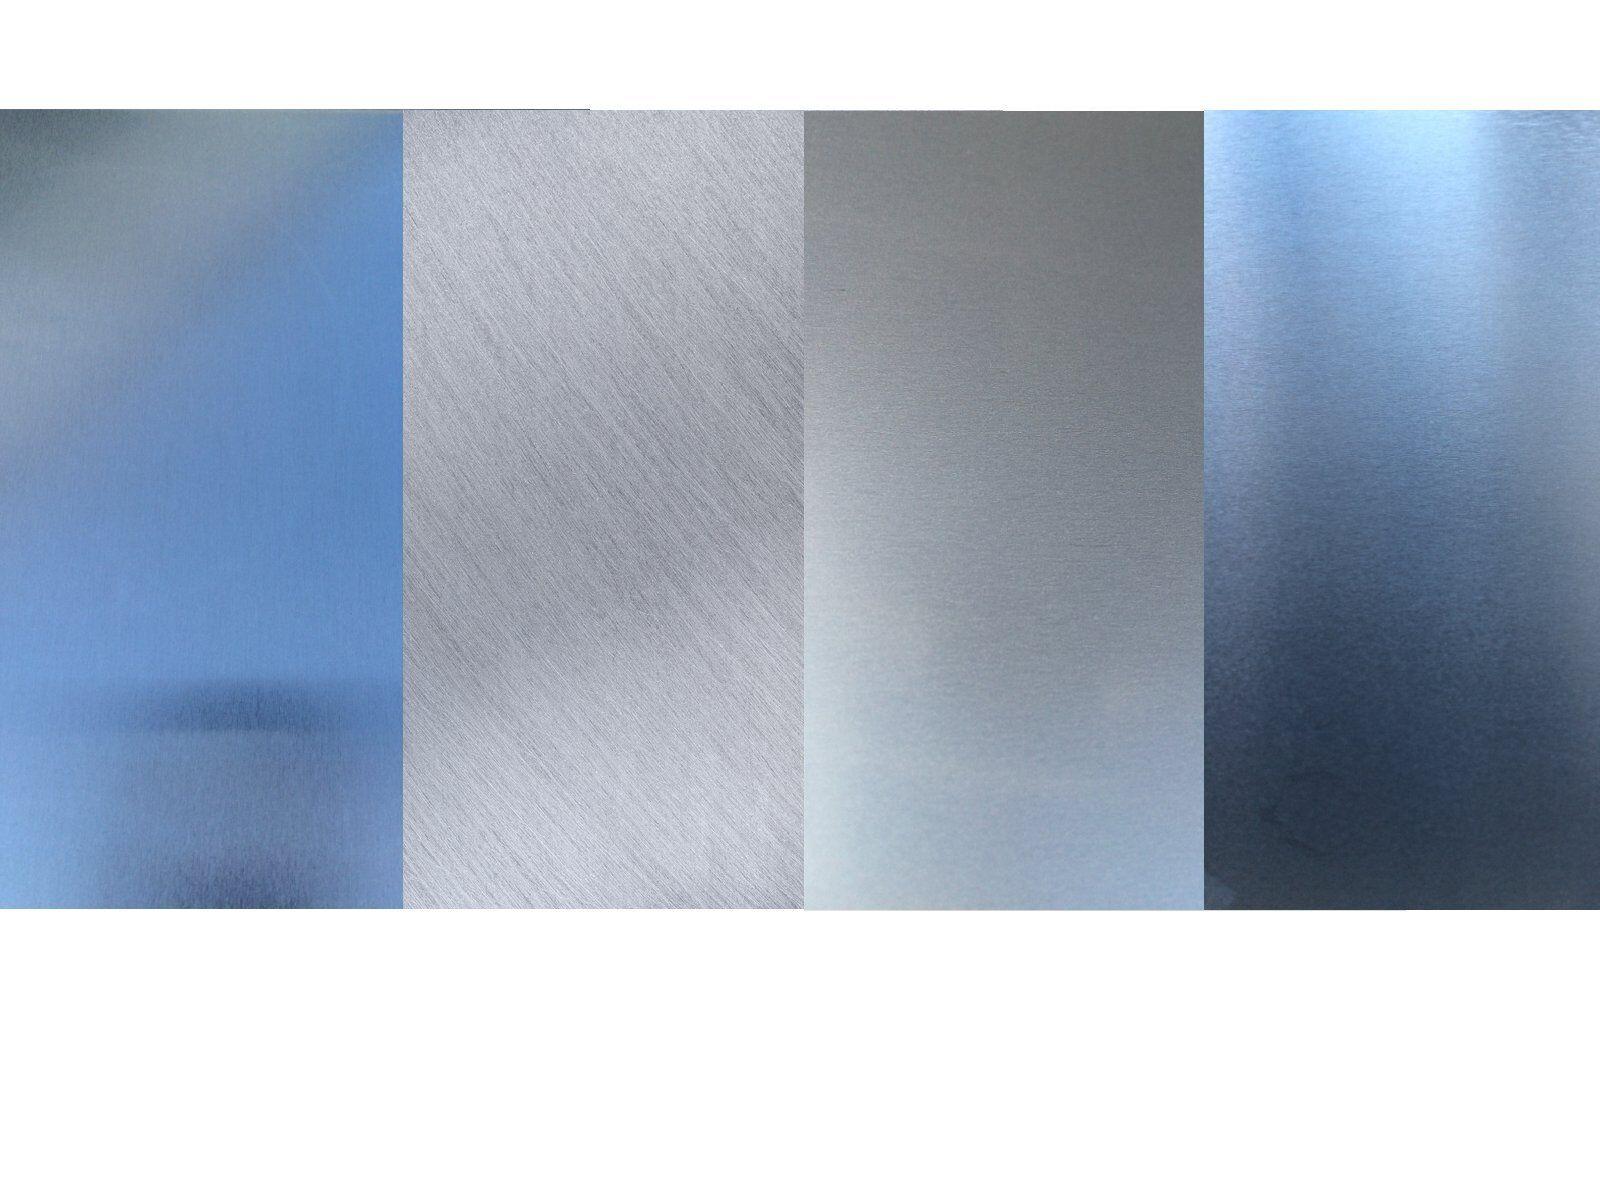 Alublech Edelstahlblech Stahlblech Eisen V2A VA AlMg 3 Aluminium Aluminium Aluminium Edelstahl Blech 245caf